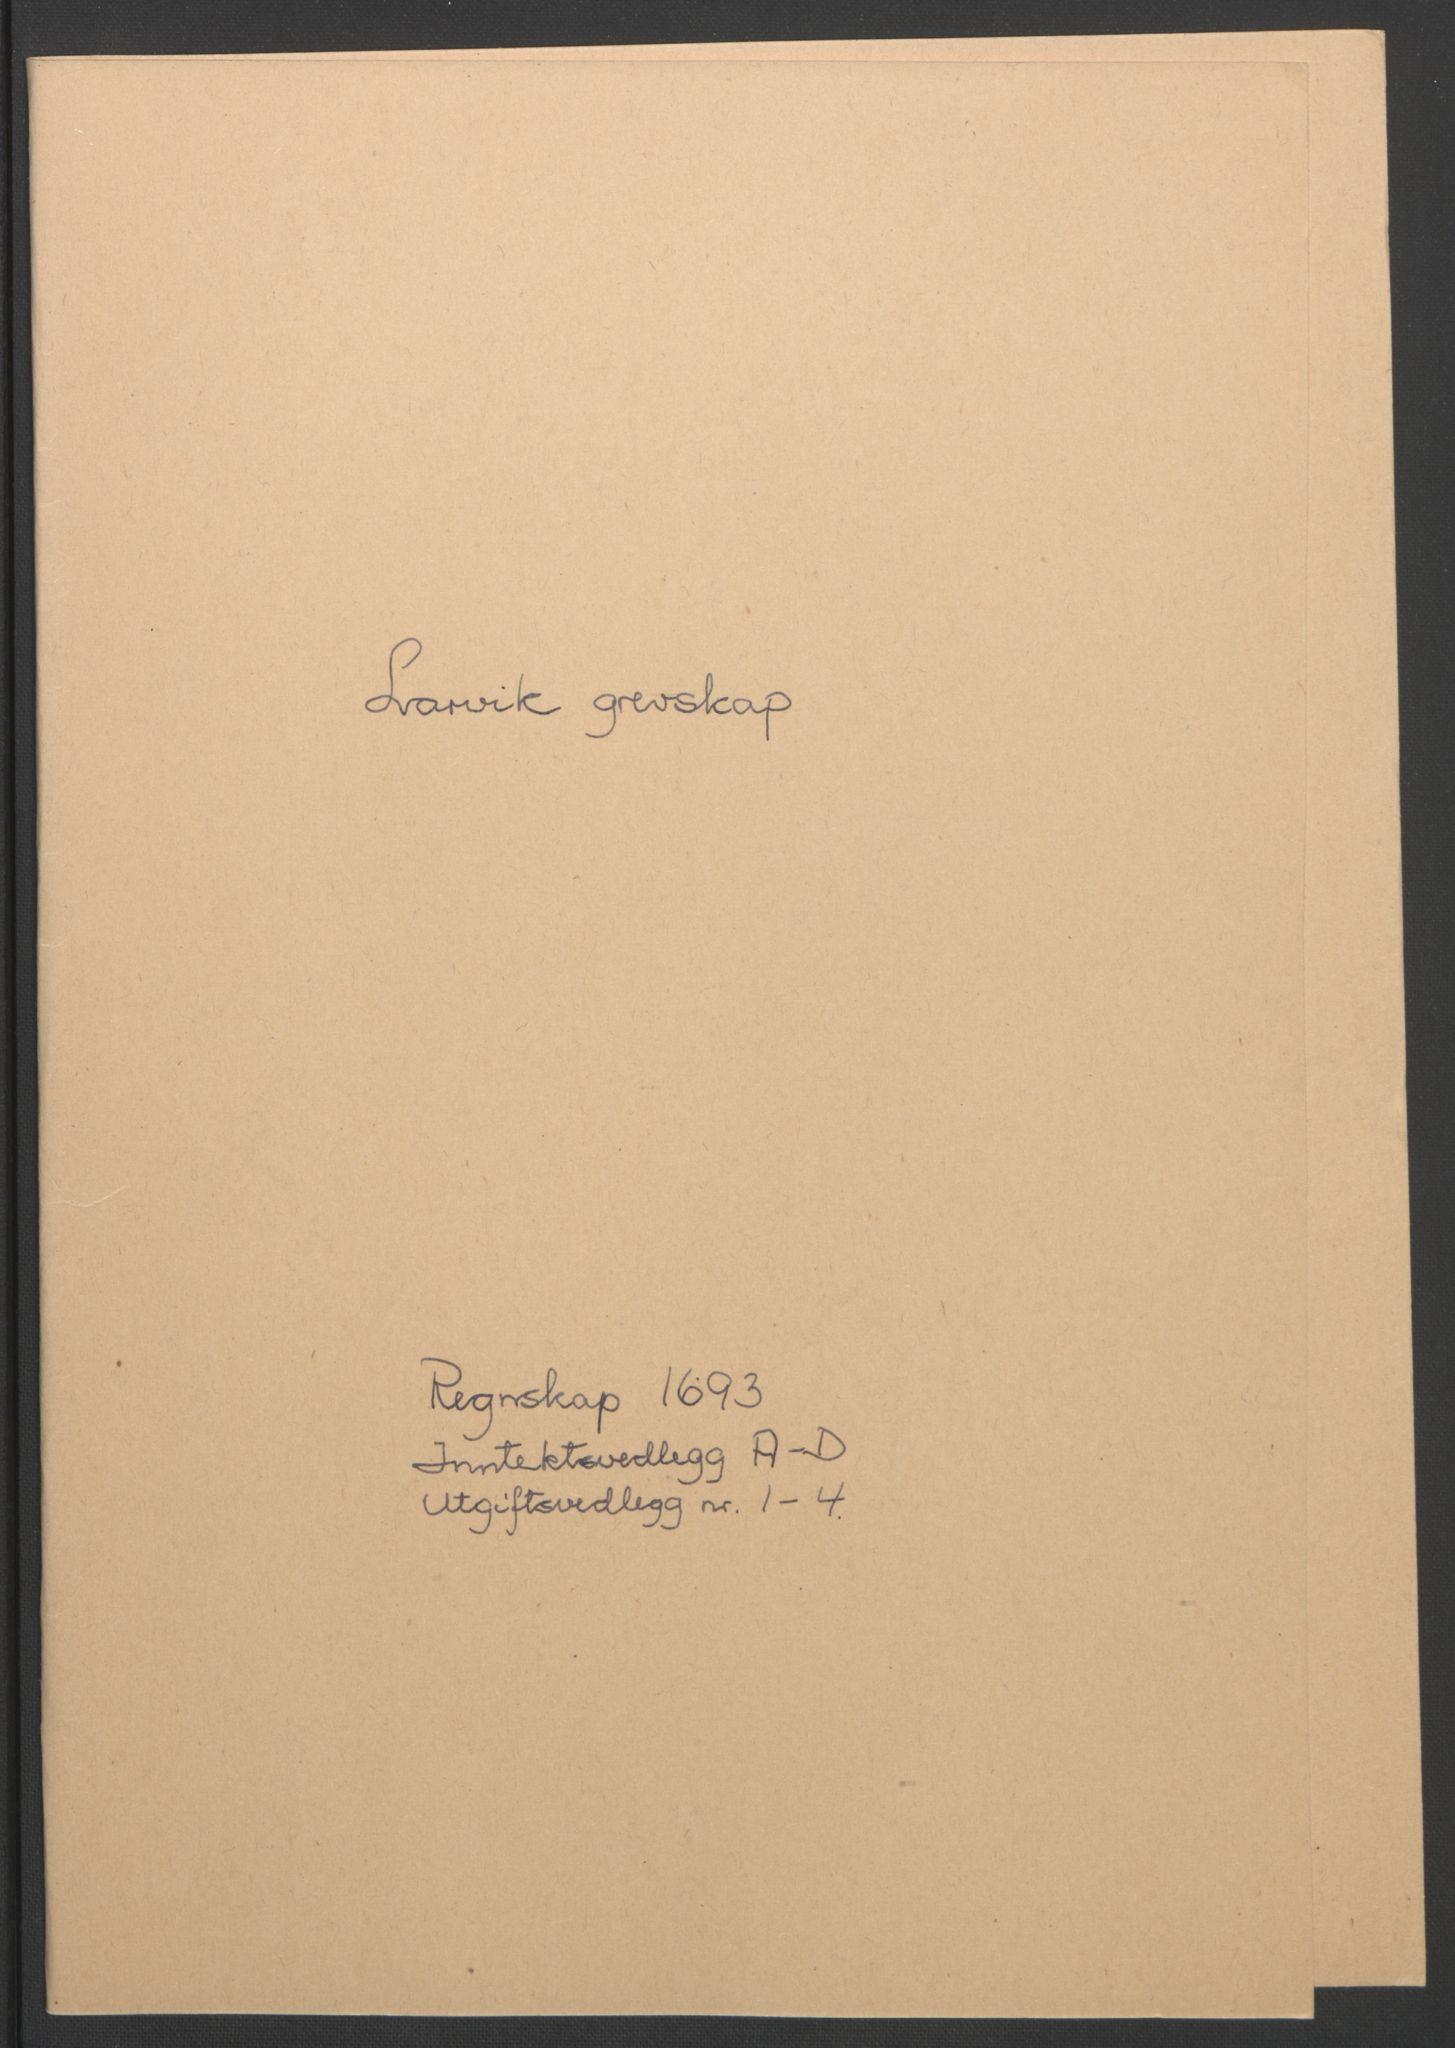 RA, Rentekammeret inntil 1814, Reviderte regnskaper, Fogderegnskap, R33/L1974: Fogderegnskap Larvik grevskap, 1693-1695, s. 2